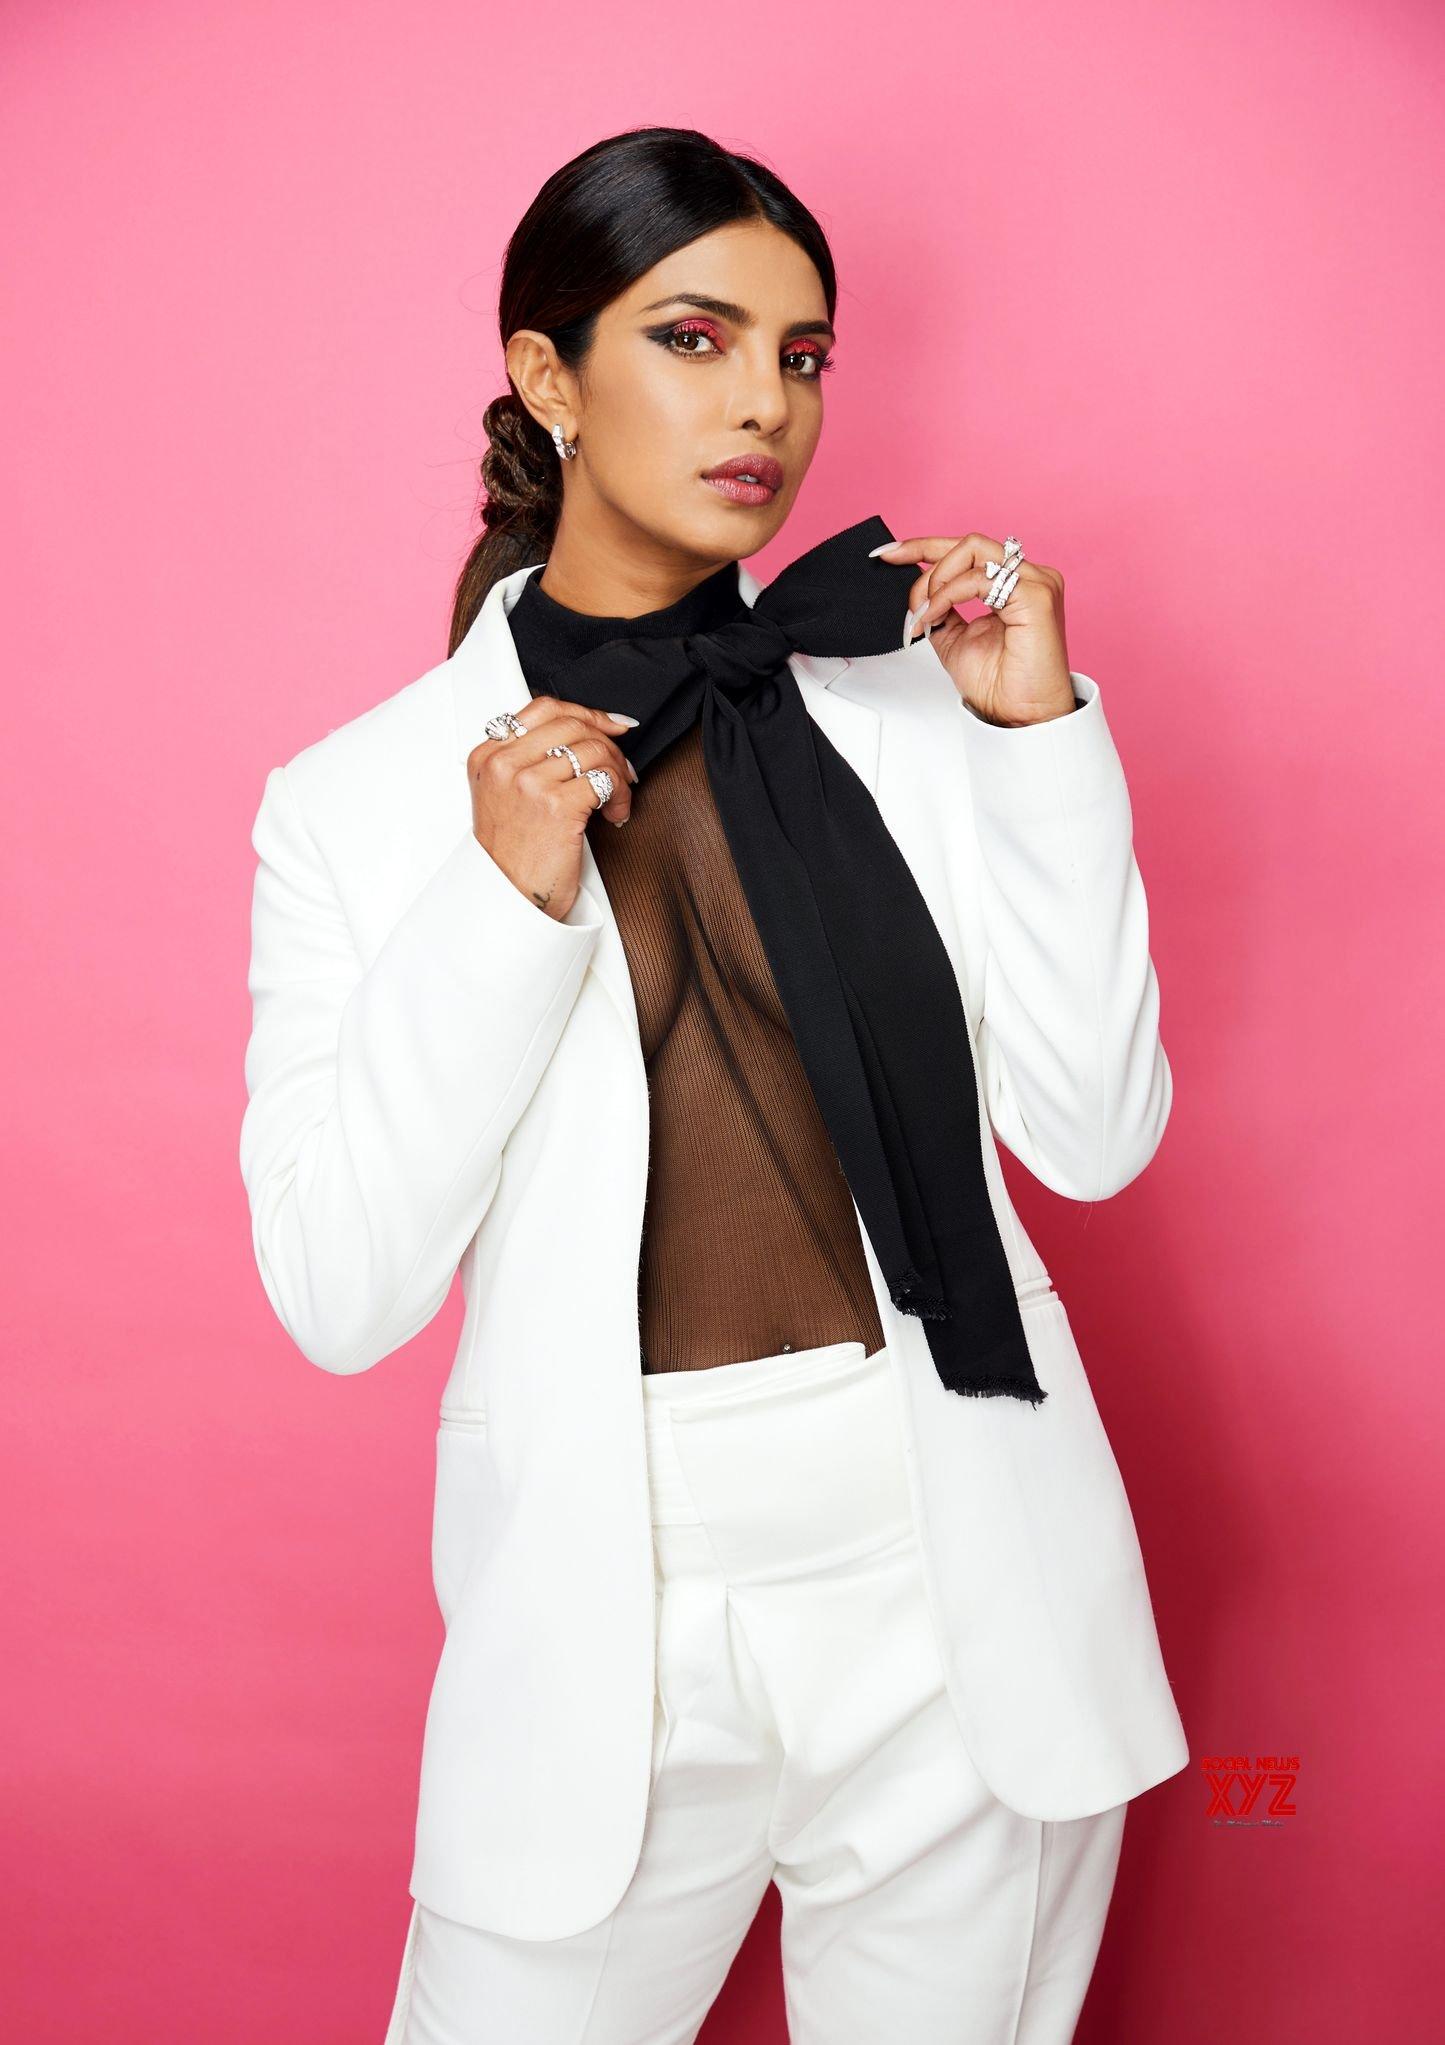 Actress Priyanka Chopra Sexy Pant Suit Stills